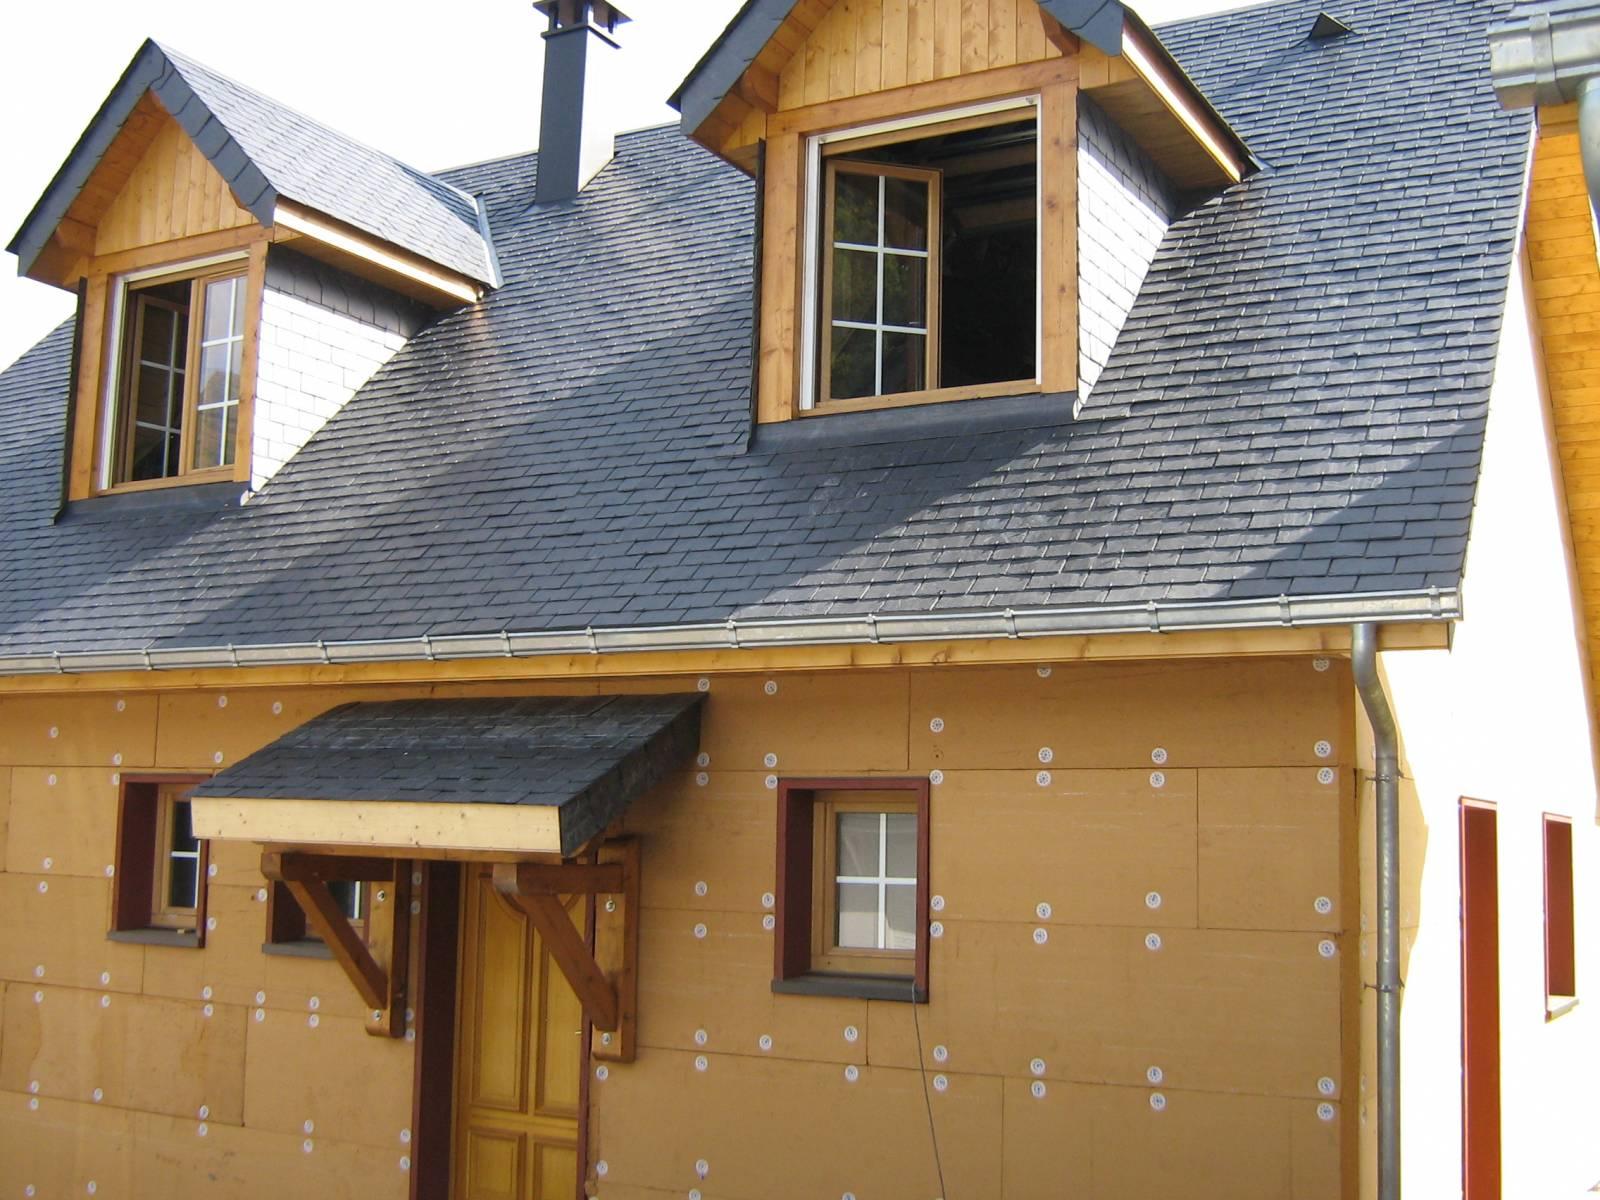 Maison construction bois r f 8 pr s de arreau dans les for Constructeur de maison hors d eau hors d air